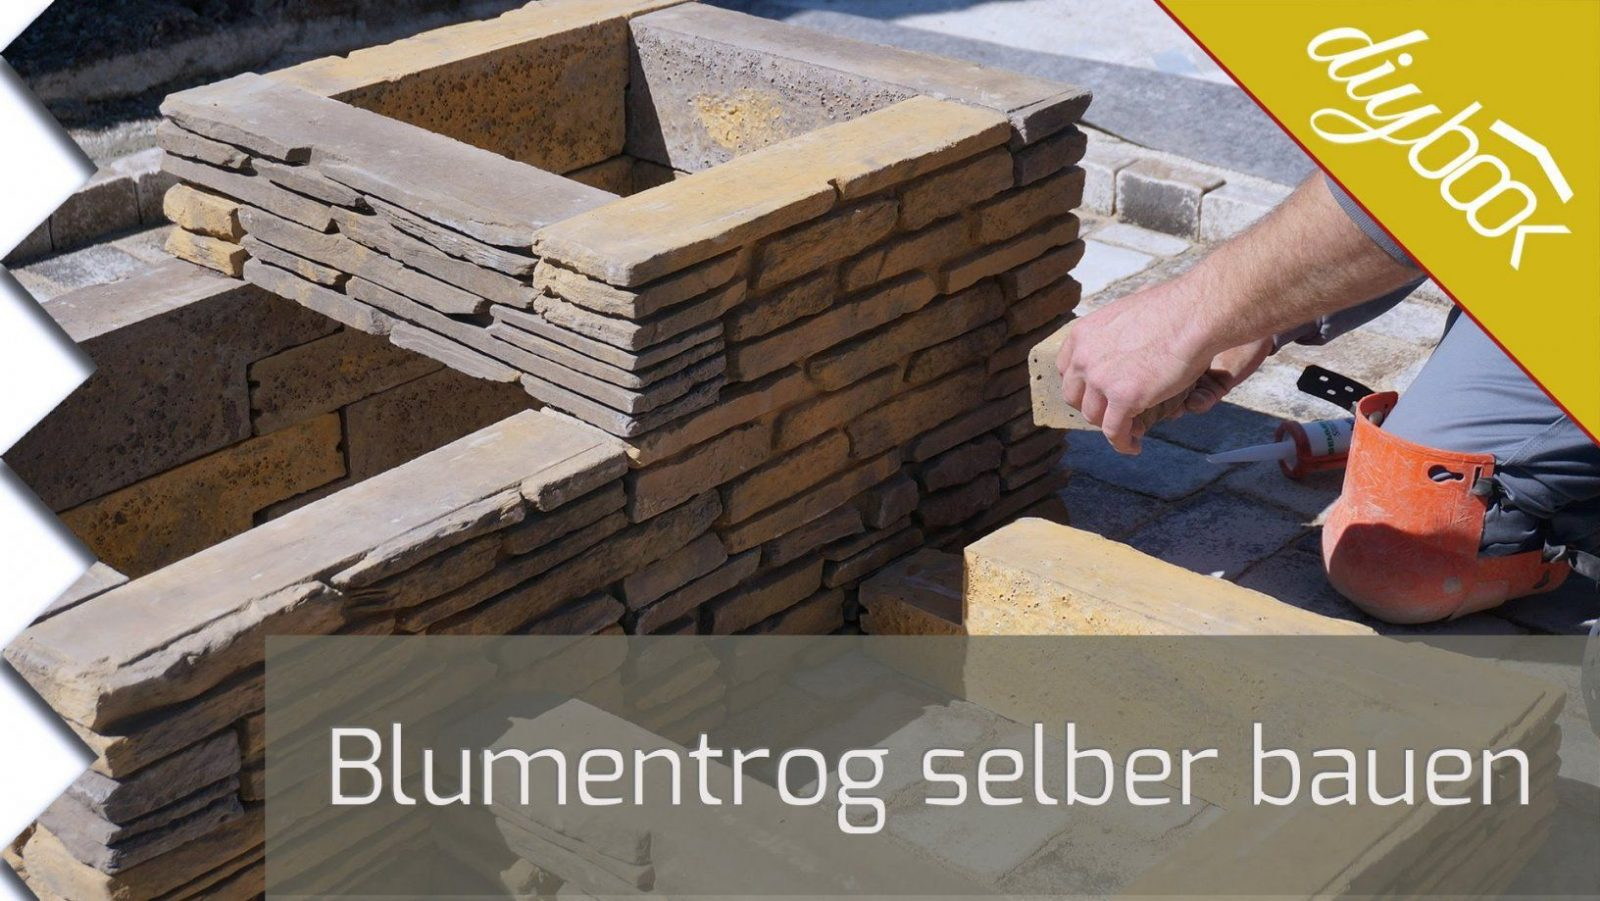 Blumentrog Selber Bauen  Eine Aufbauanleitung  Youtube von Blumenkübel Selber Bauen Anleitung Photo